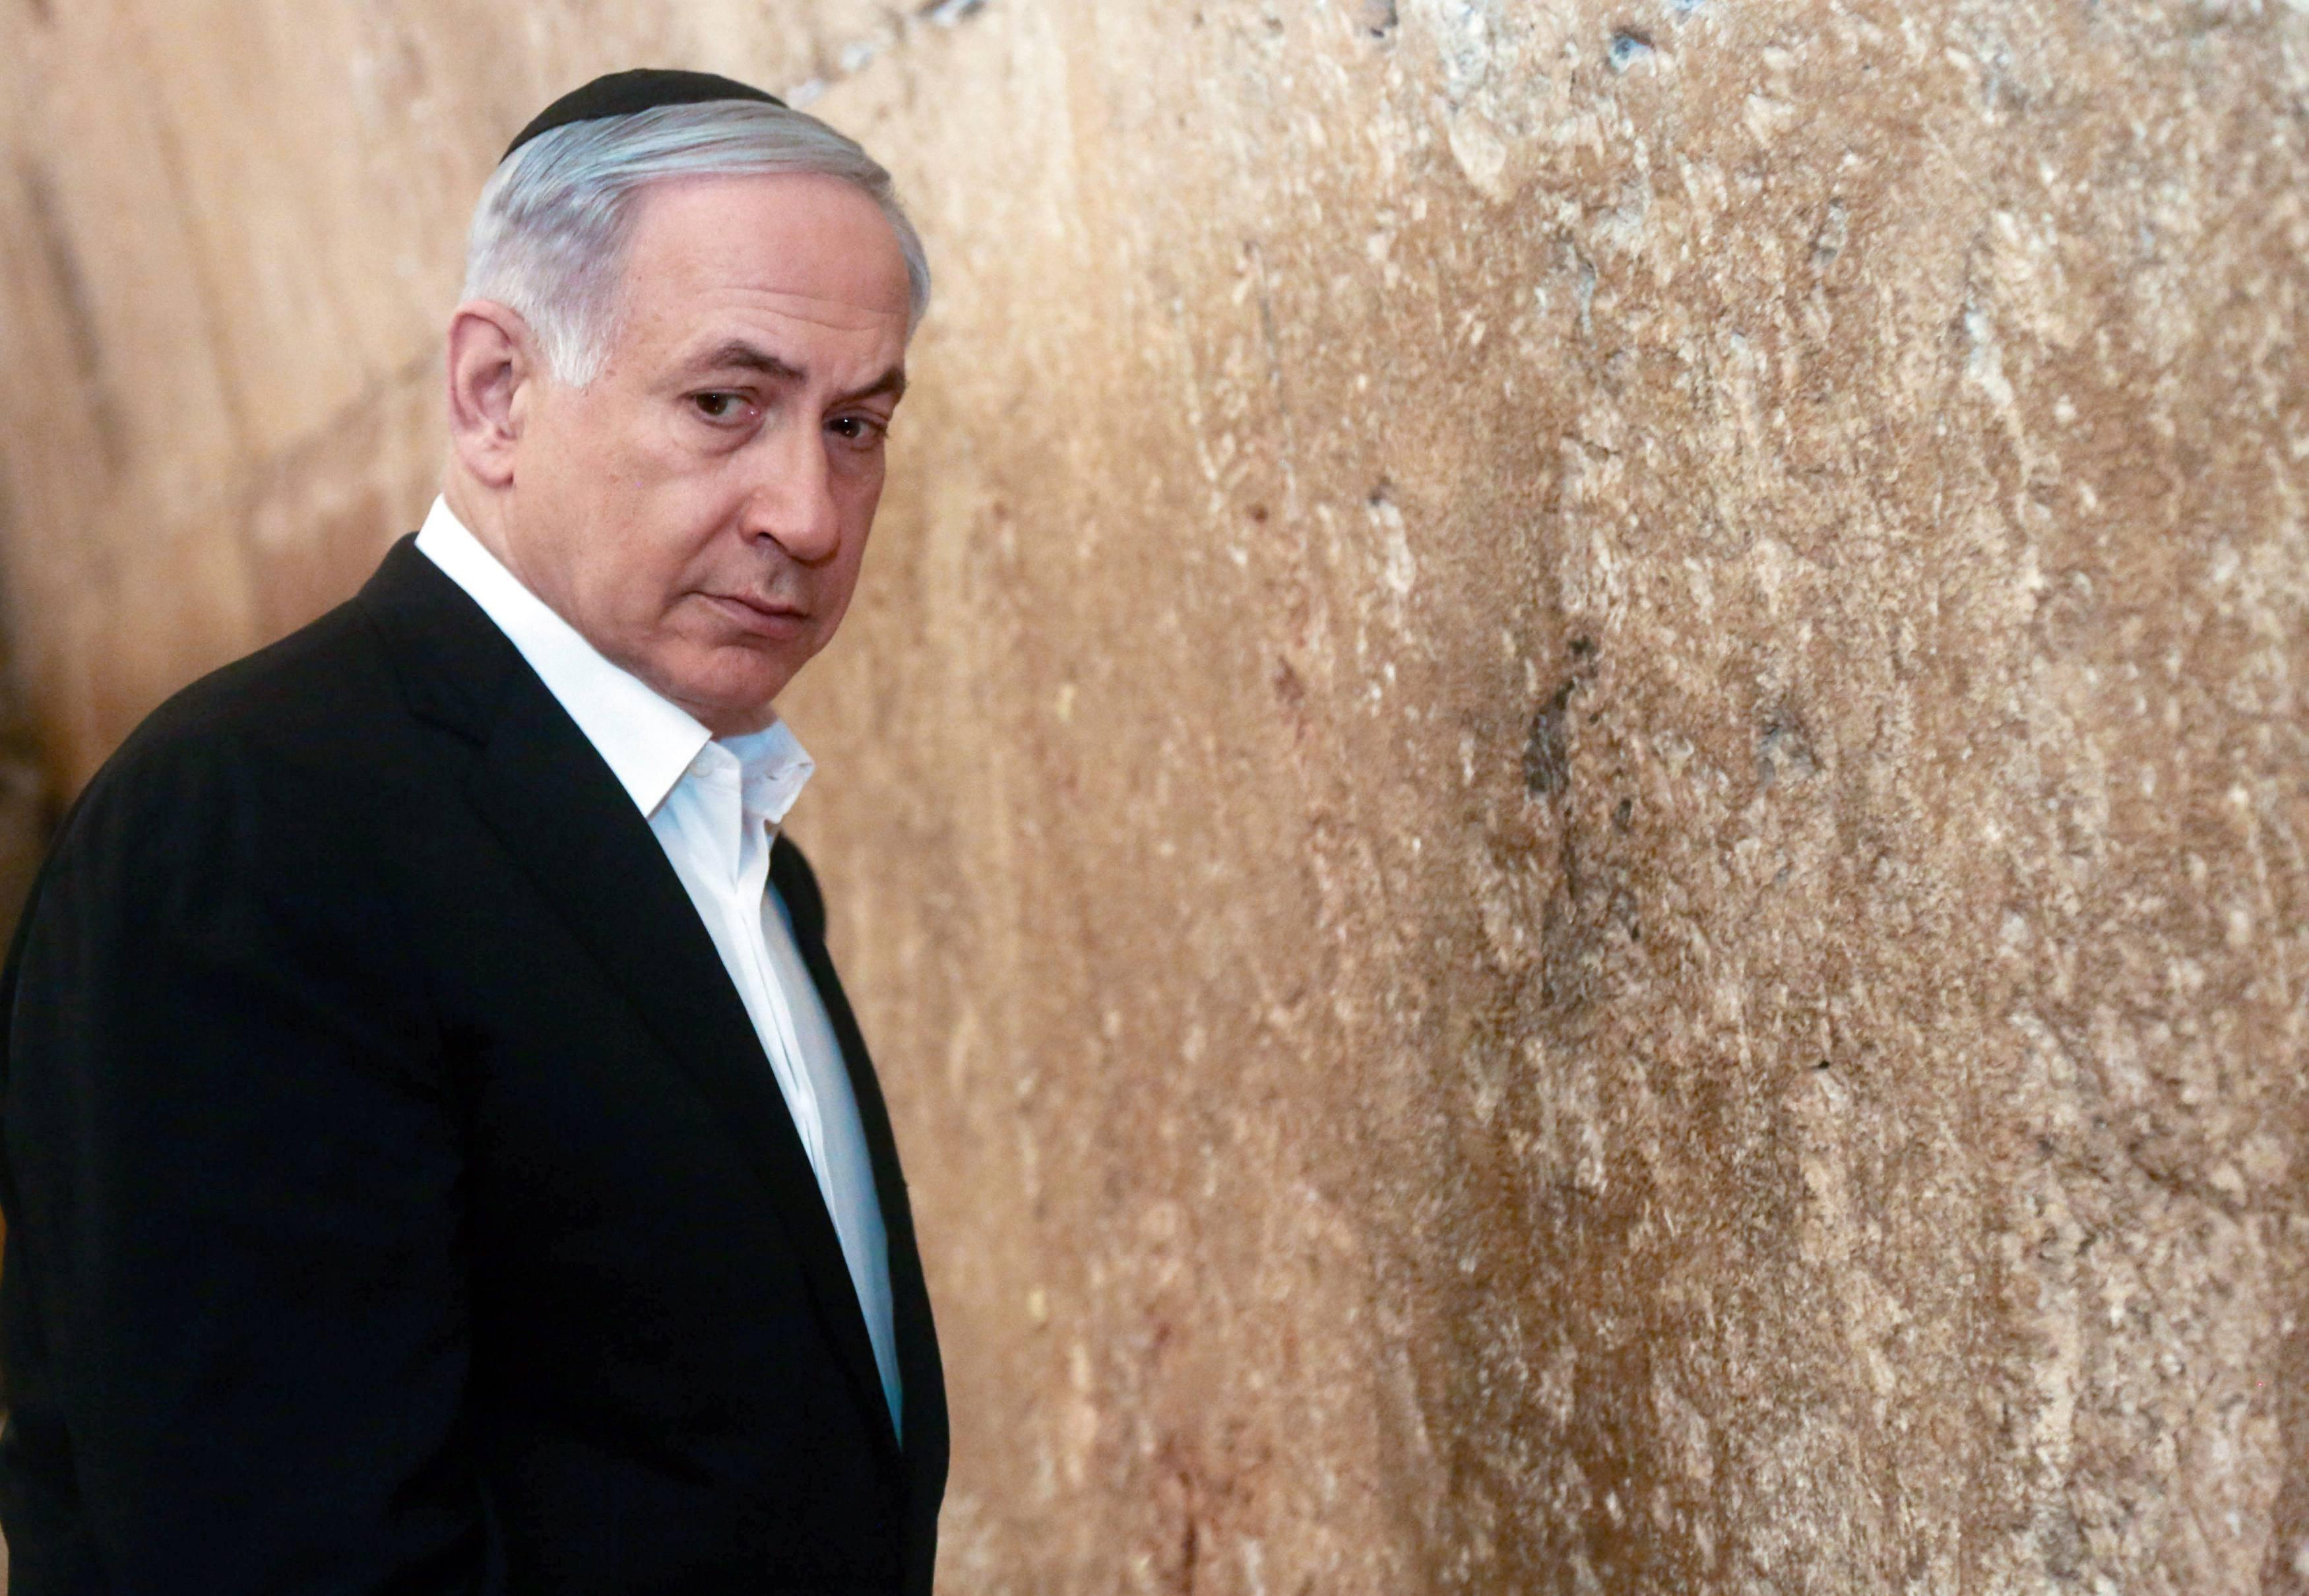 Primer ministro de Israel, Benjamin Netanyahu, ésta al lado de Muro de las Lamentaciones